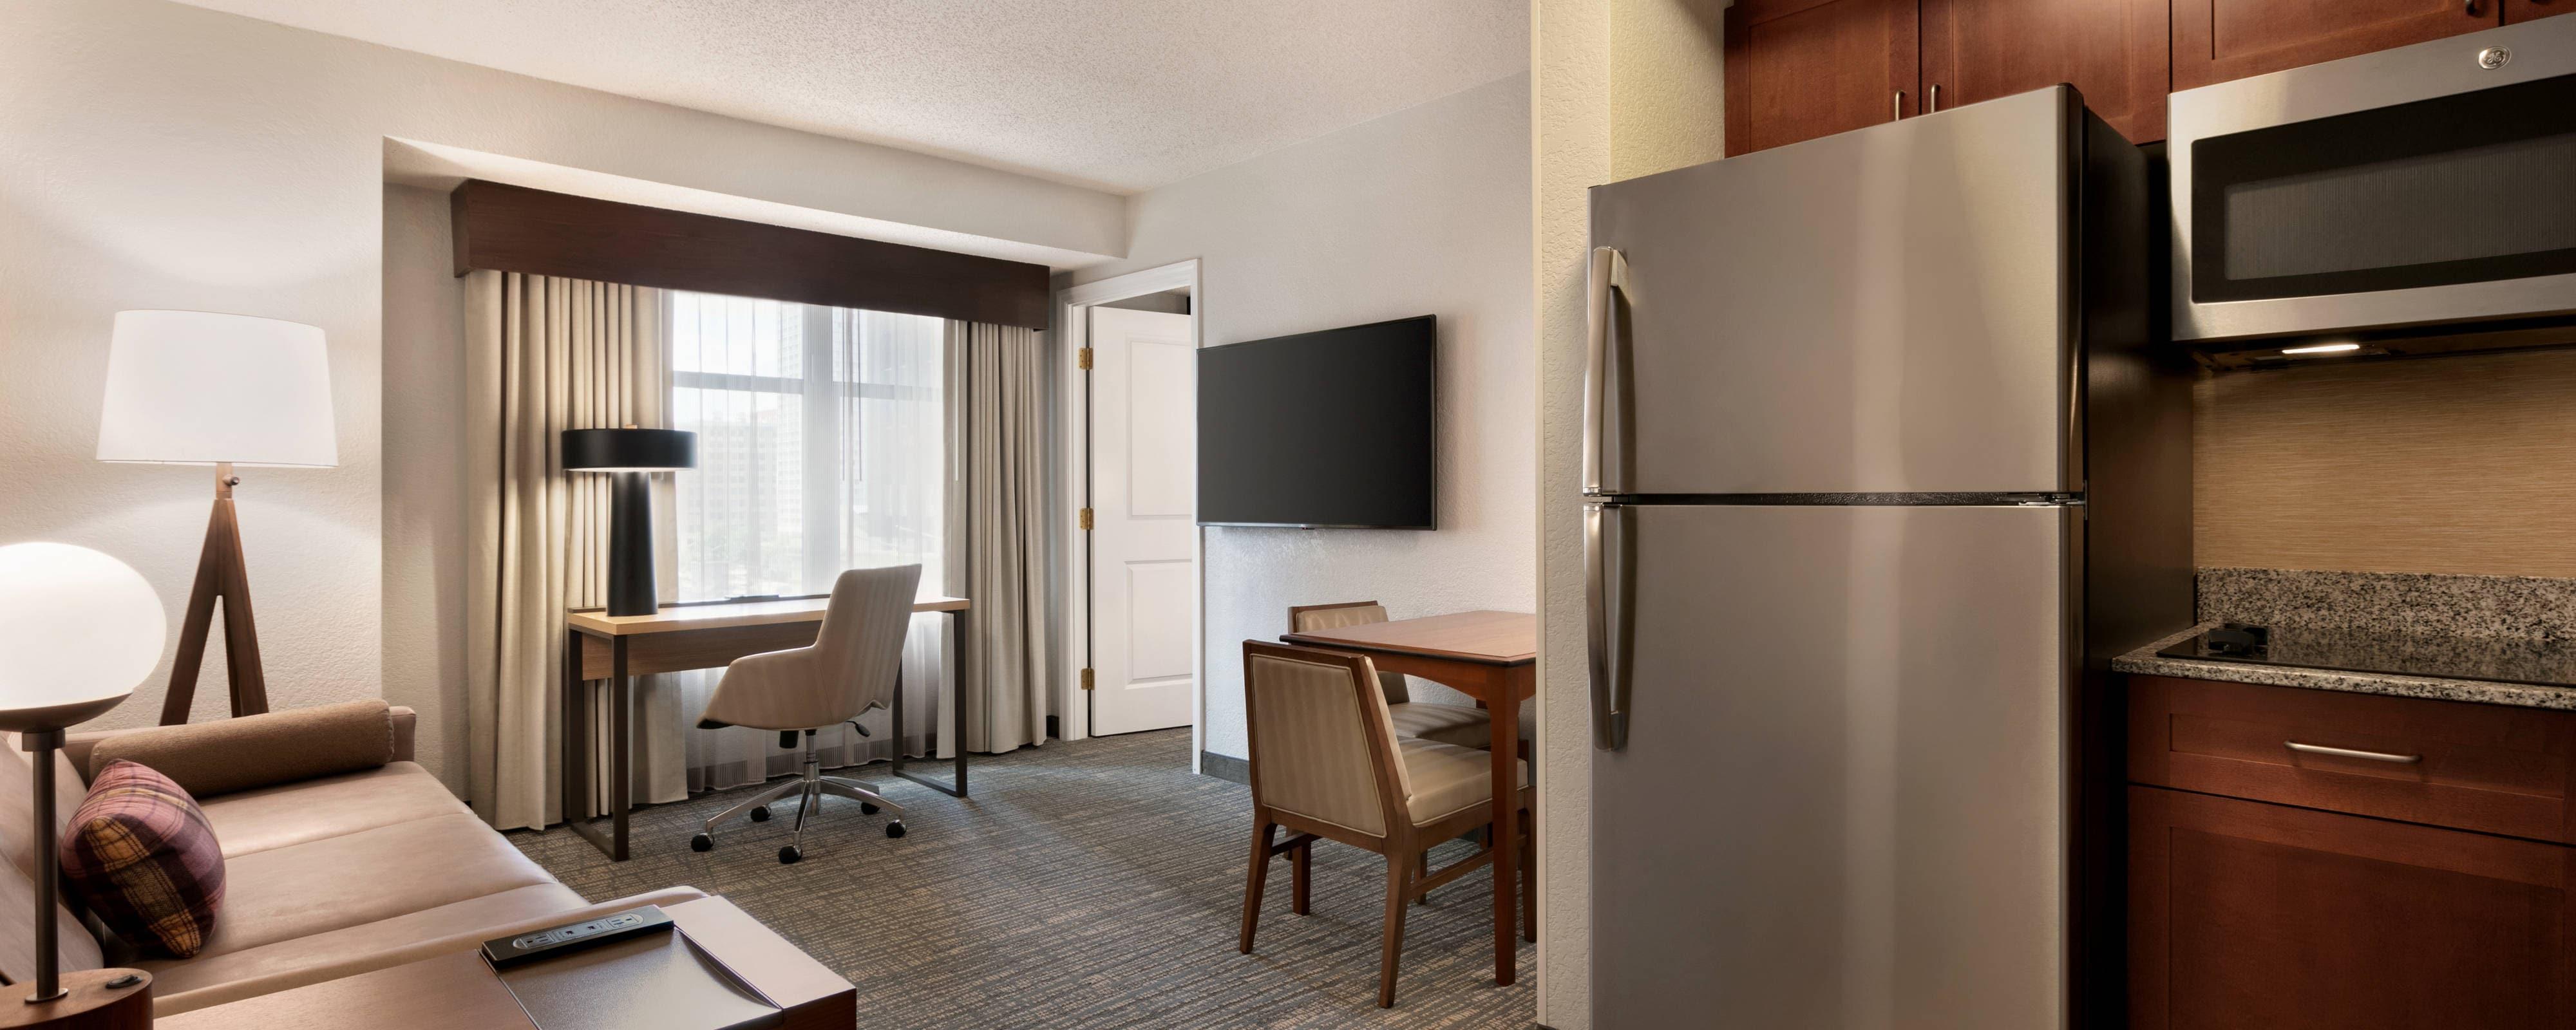 Hotels In Baltimore Inner Harbor Residence Inn Baltimore Downtown Inner Harbor